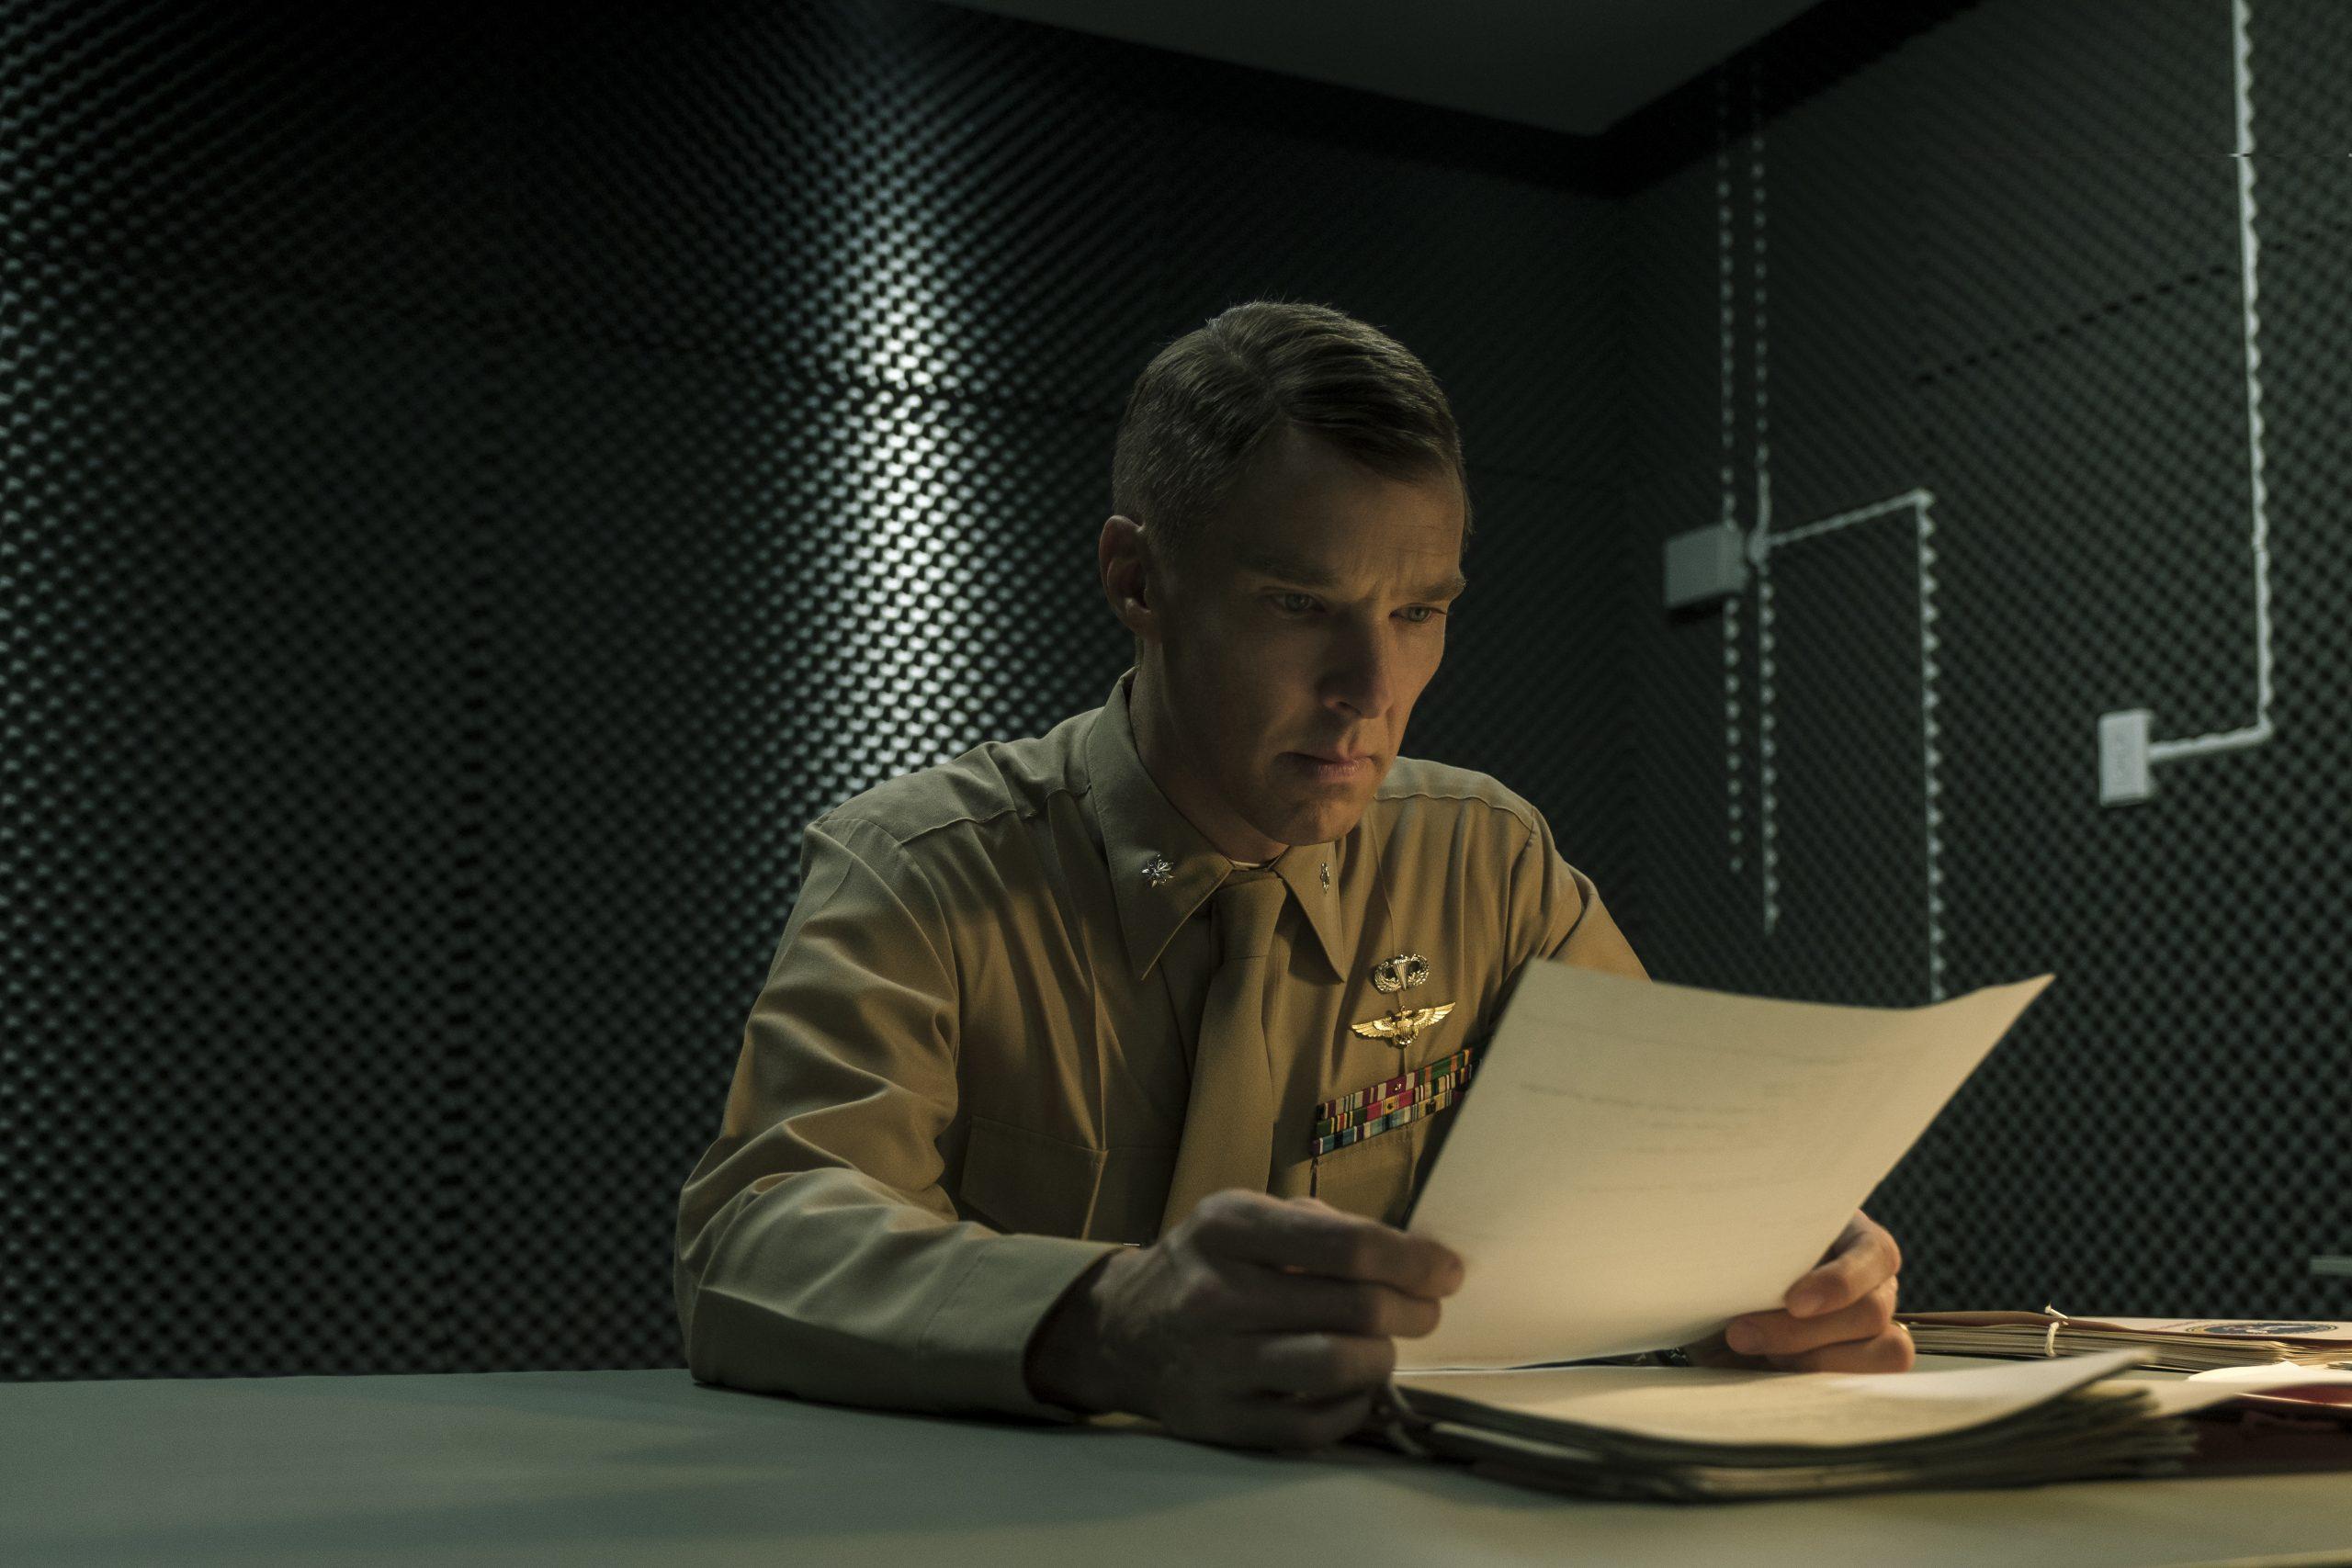 """เบเนดิกต์ คัมเบอร์แบตช์ กลับมาเผยความจริง สุดสะเทือน!! ใน """"มอริทาเนียน : พลิกคดี จองจำอำมหิต"""""""